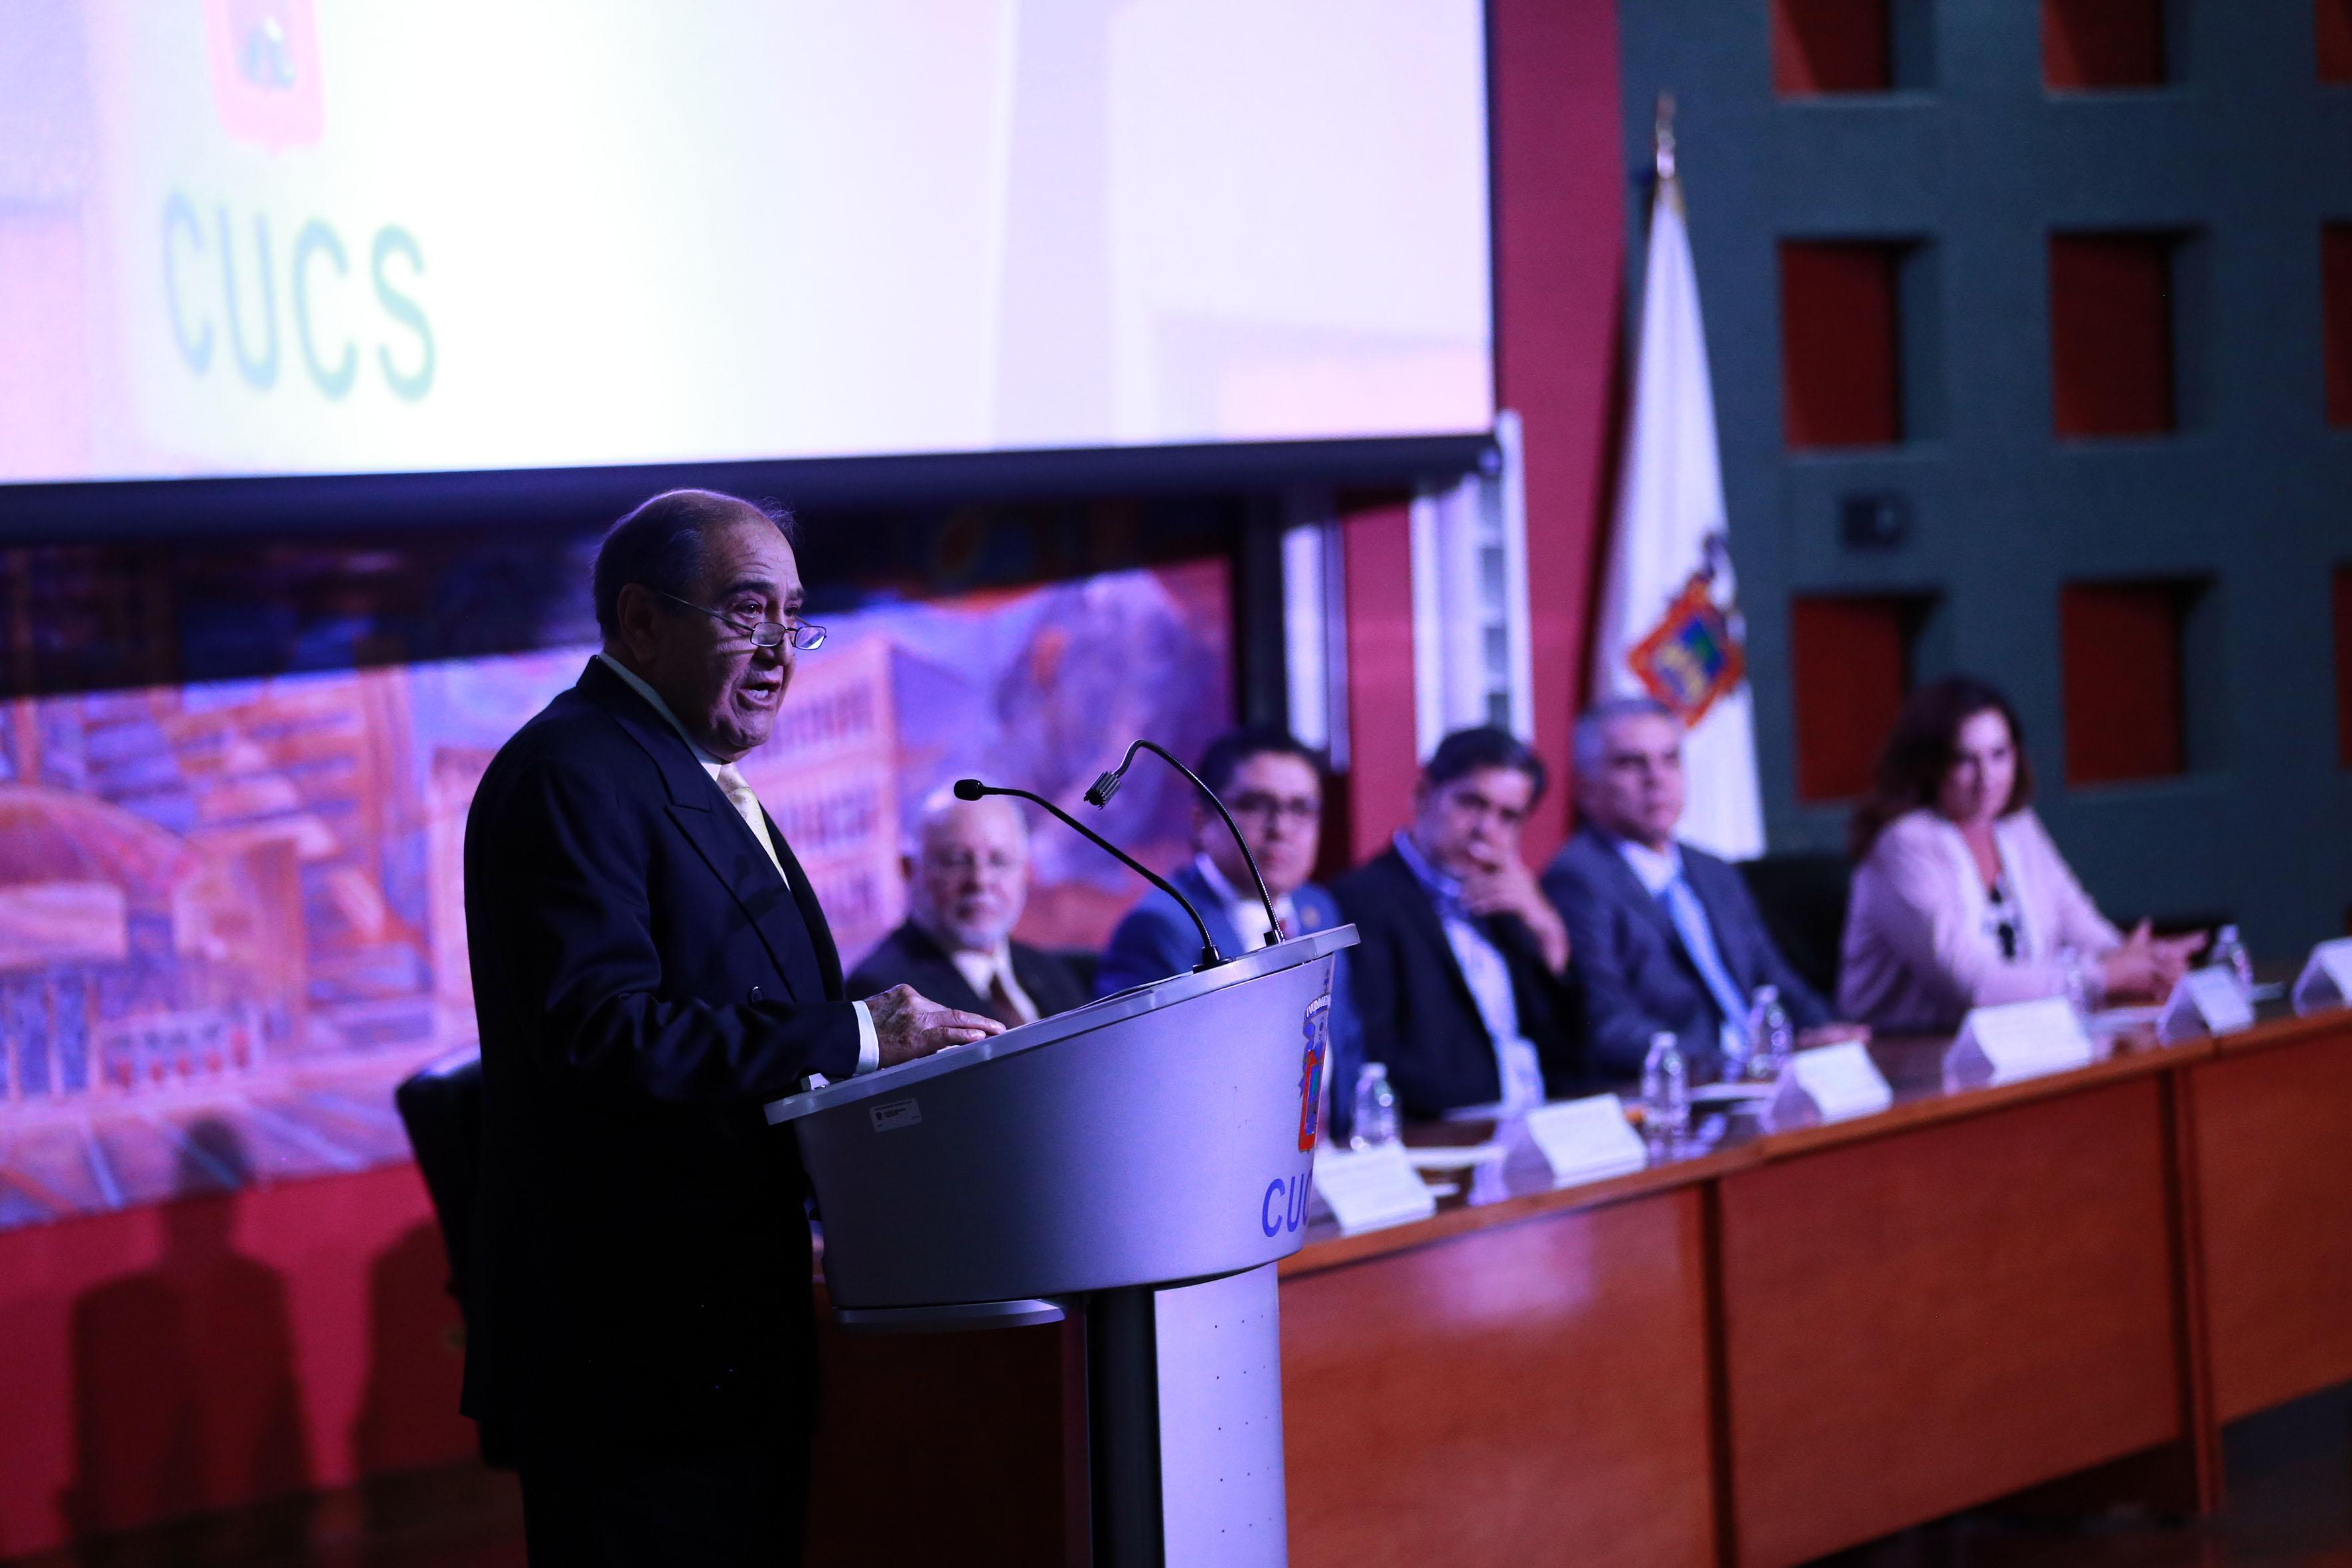 Dr.José Humberto Muñoz López, representante de los galardonados al micrófono en el pódium